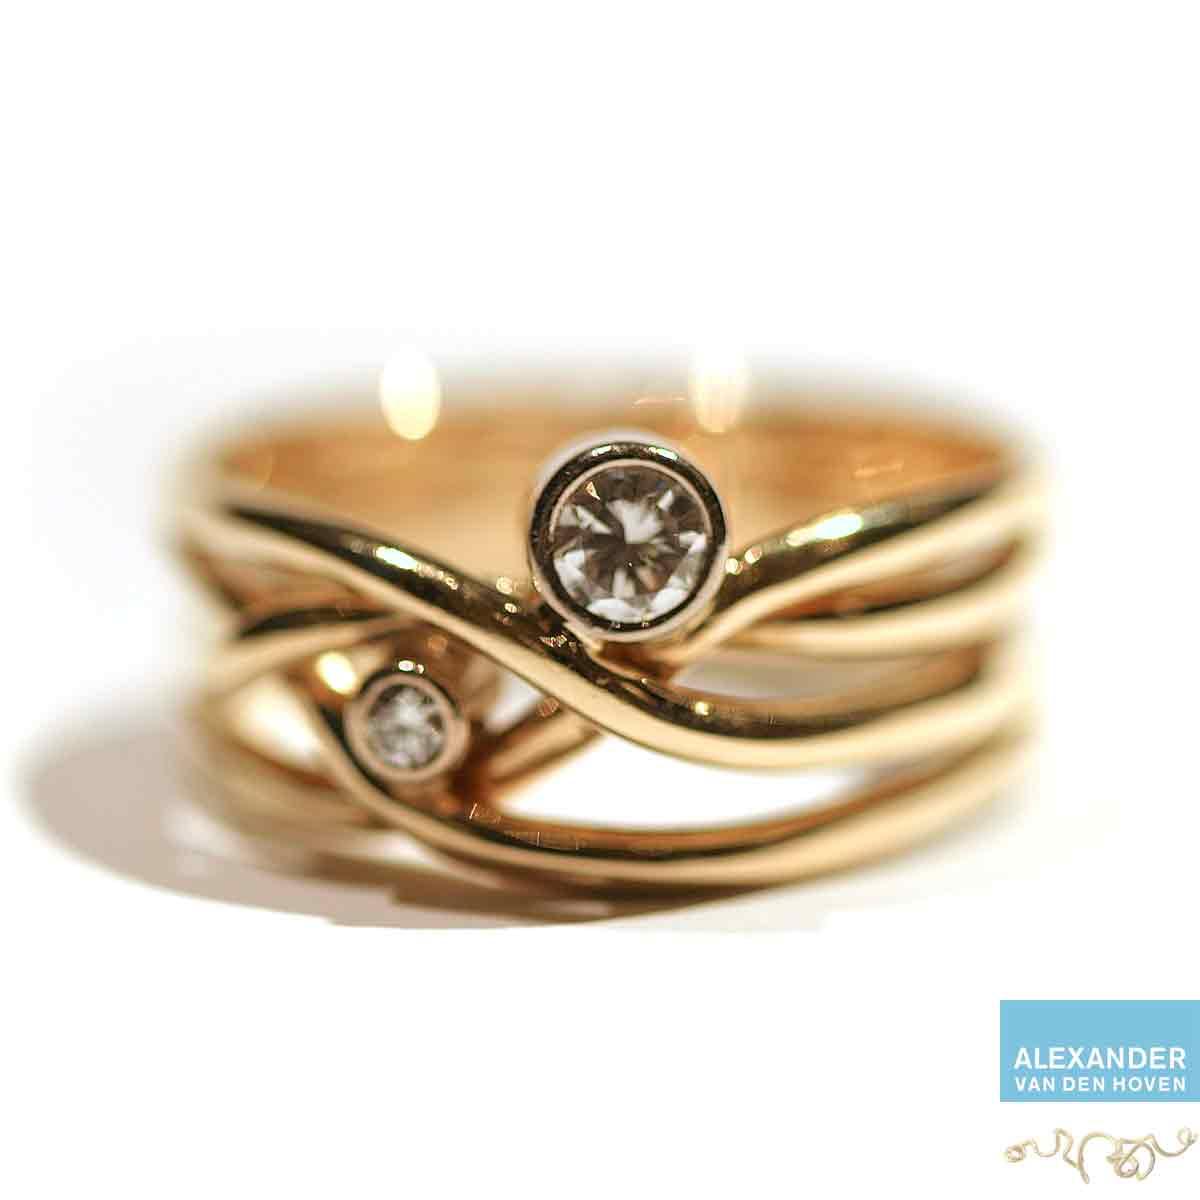 Trouwring-veranderen-gevlochten-vlechtwerk-Diamant